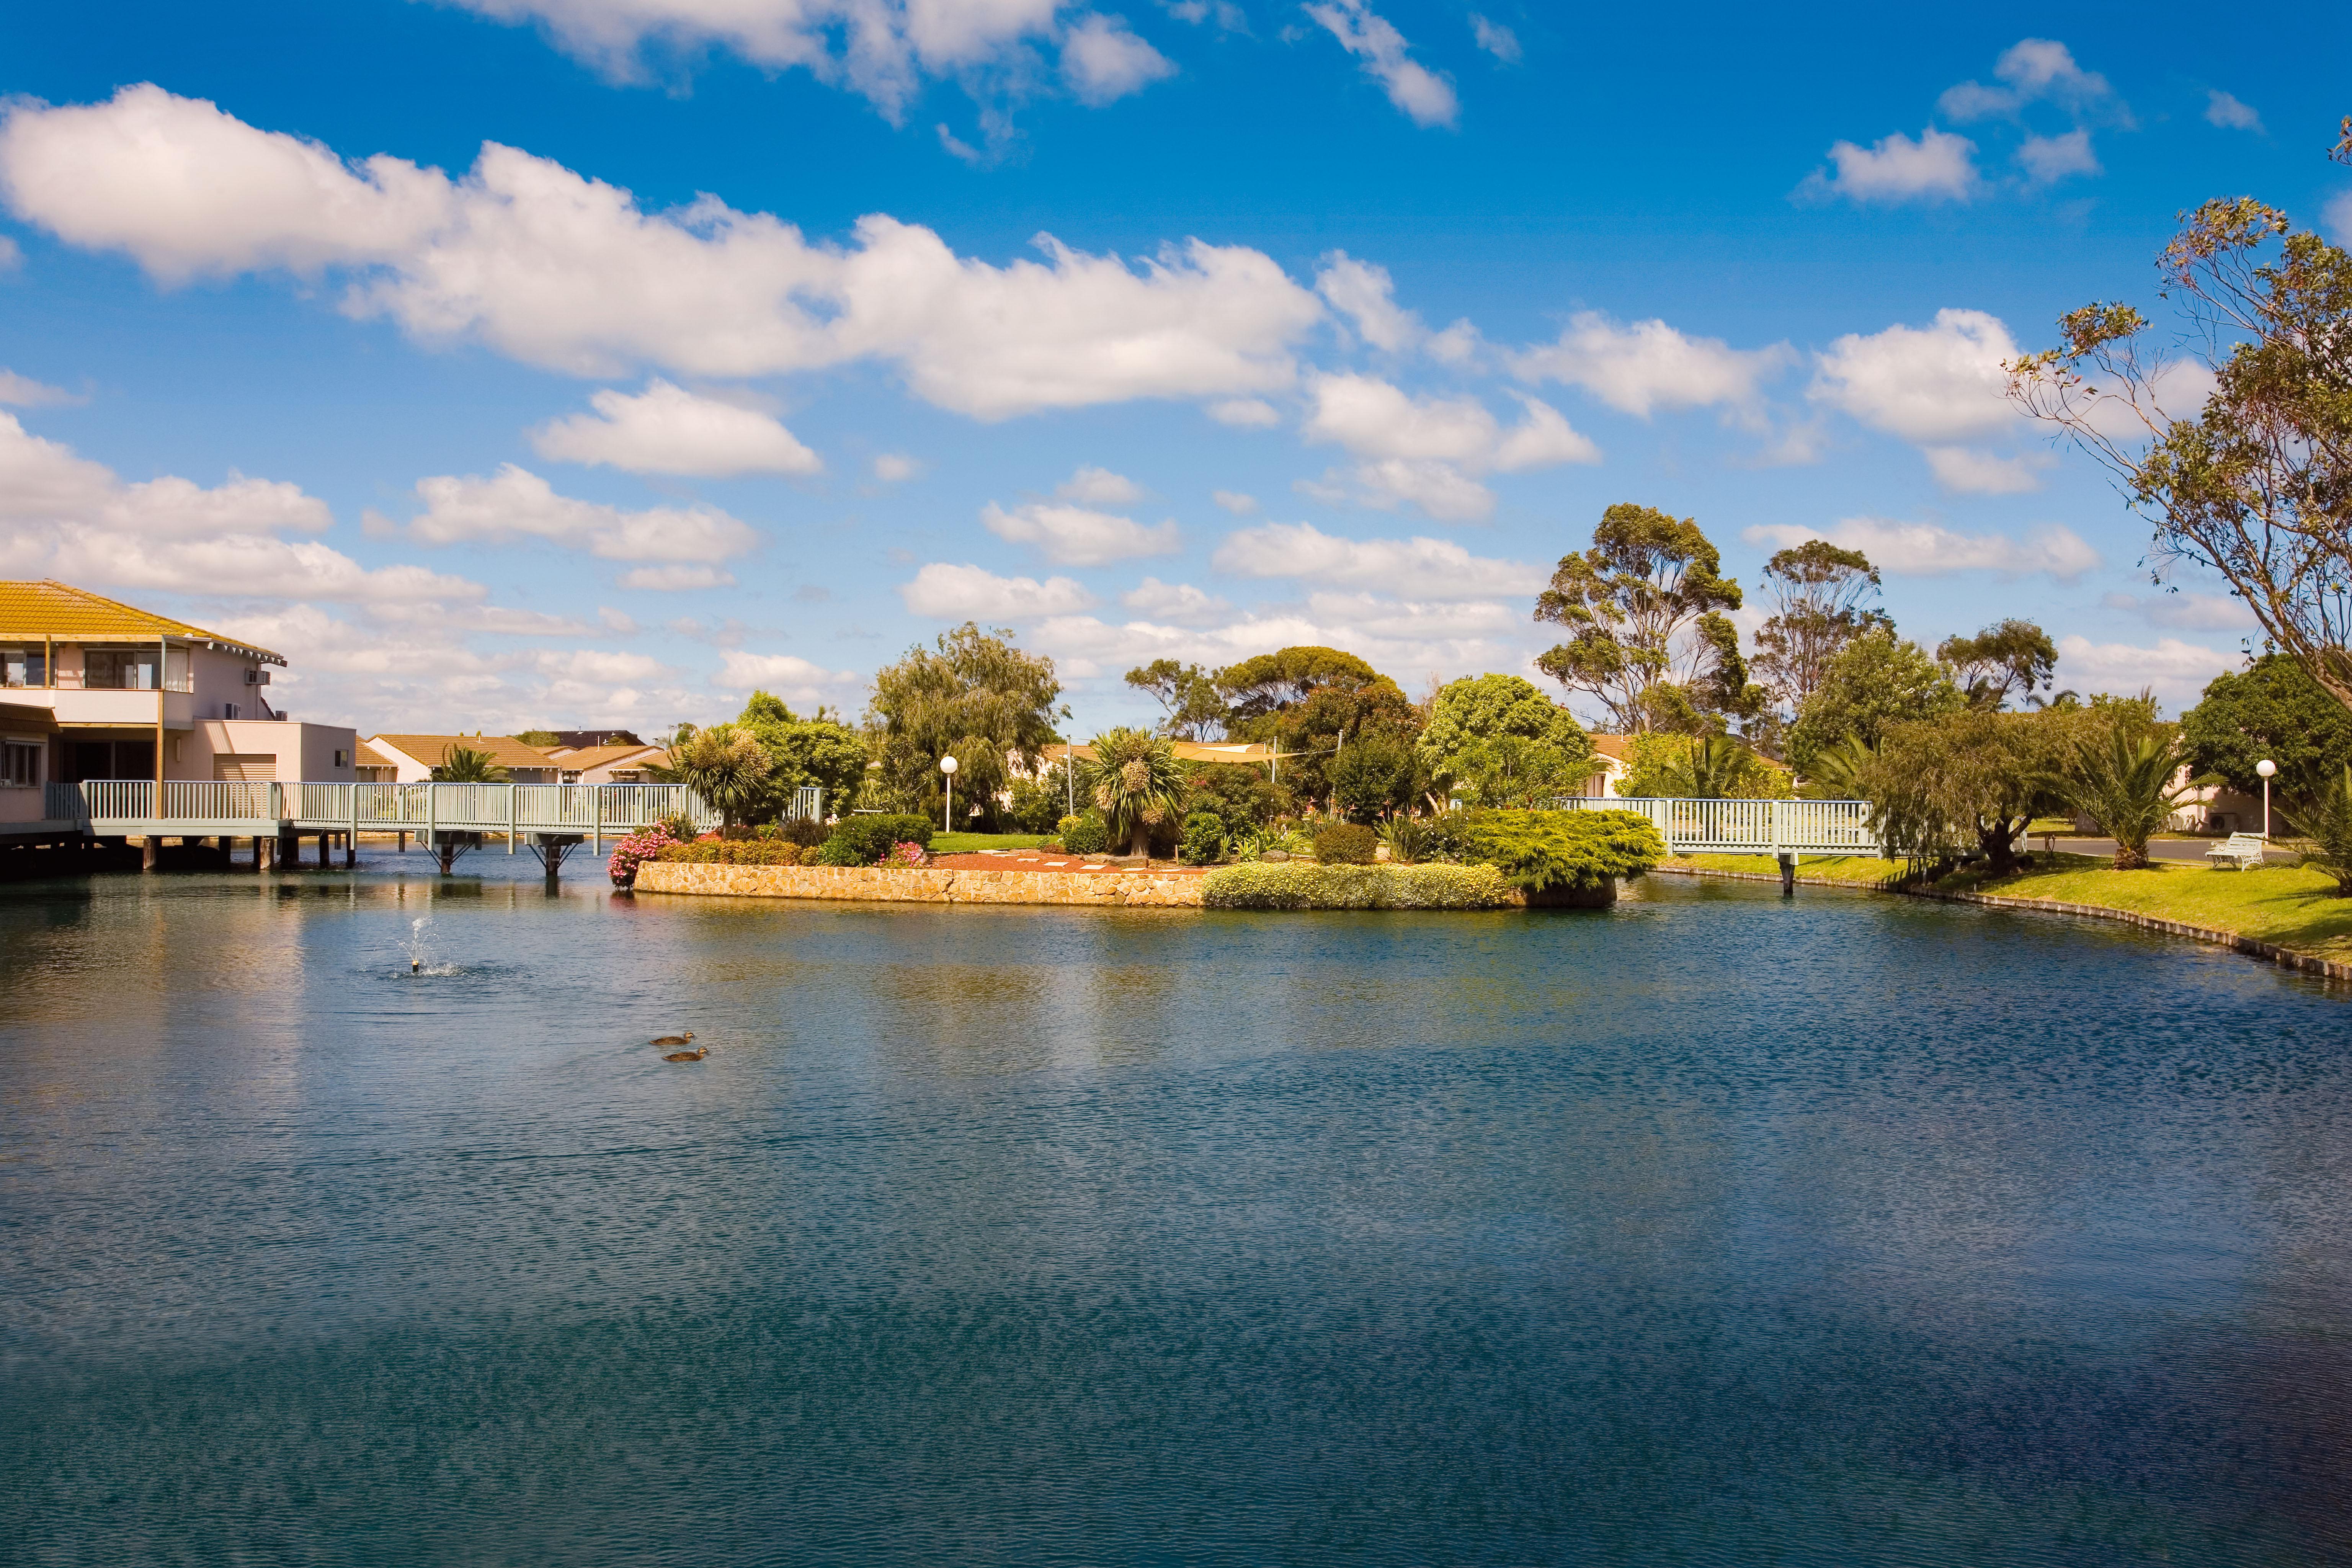 Patterson lakes melbourne